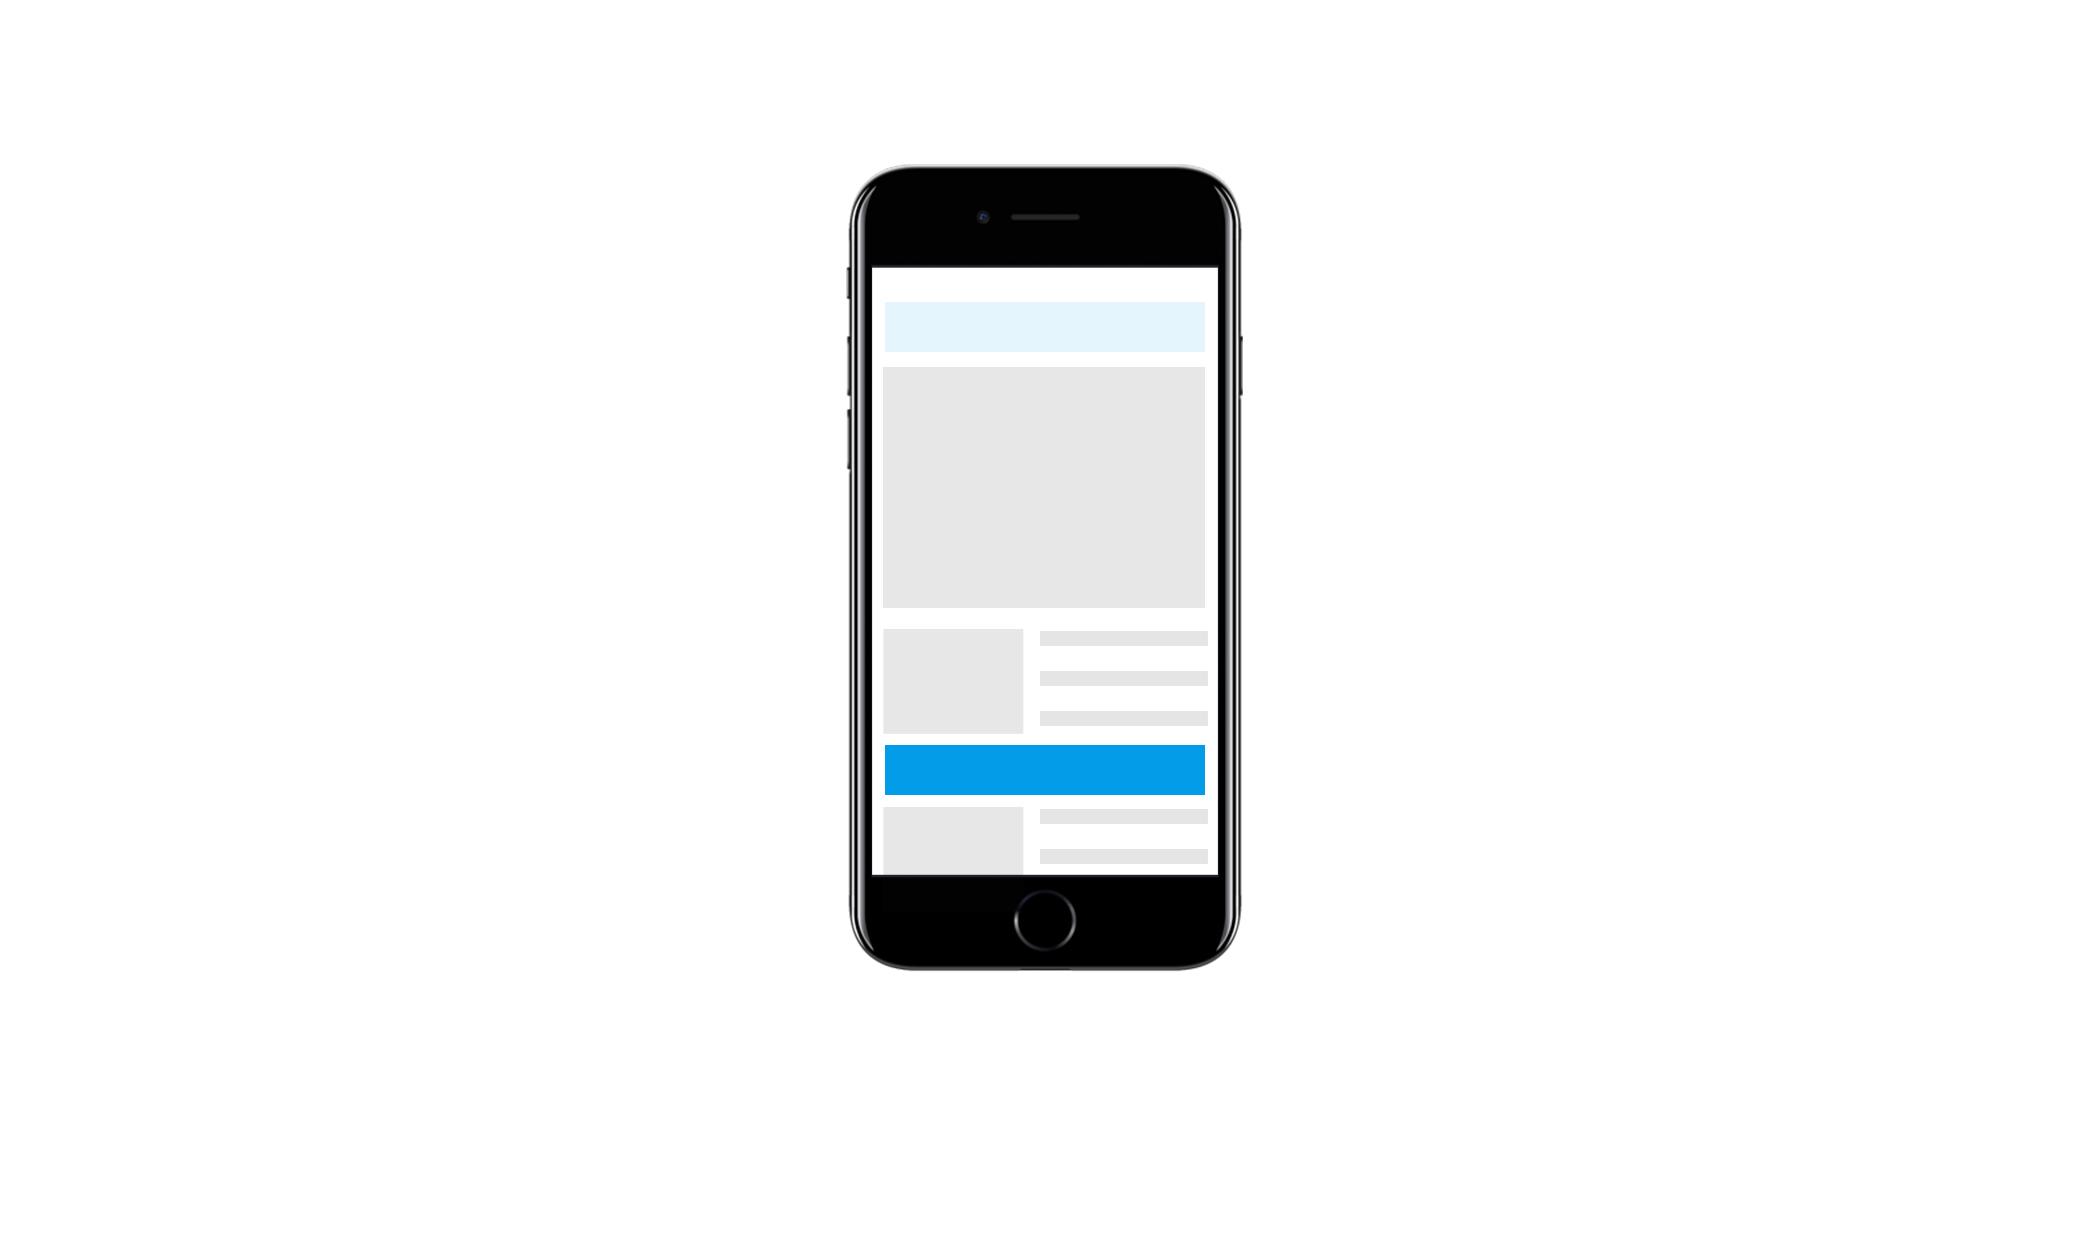 mobilenewsbanner